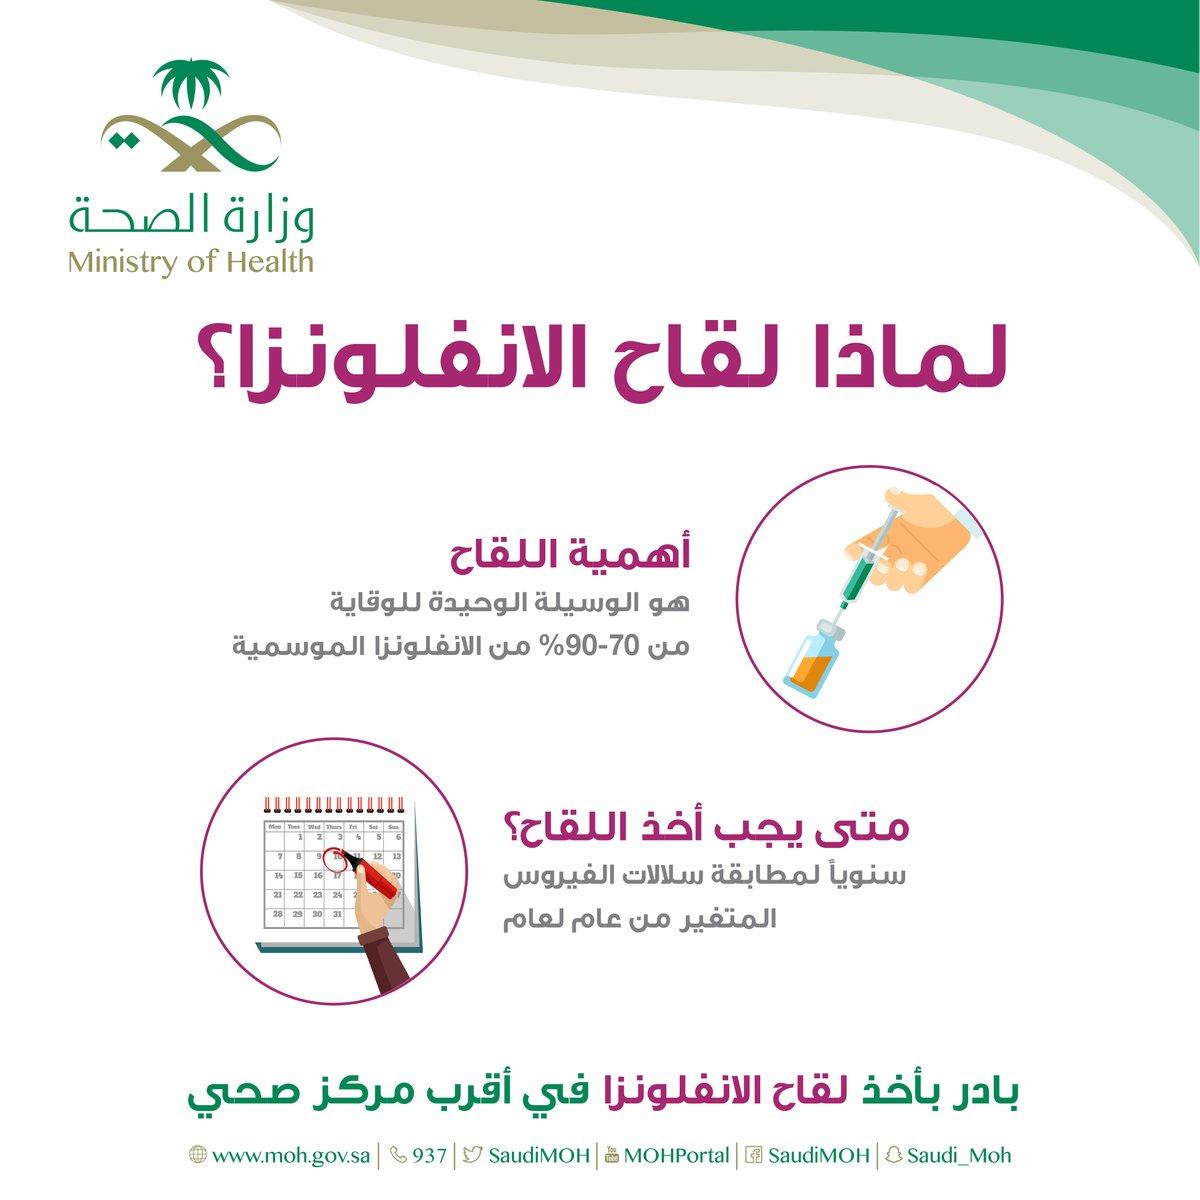 توضيح مهم من الصحة حول لقاح الإنفلونزا